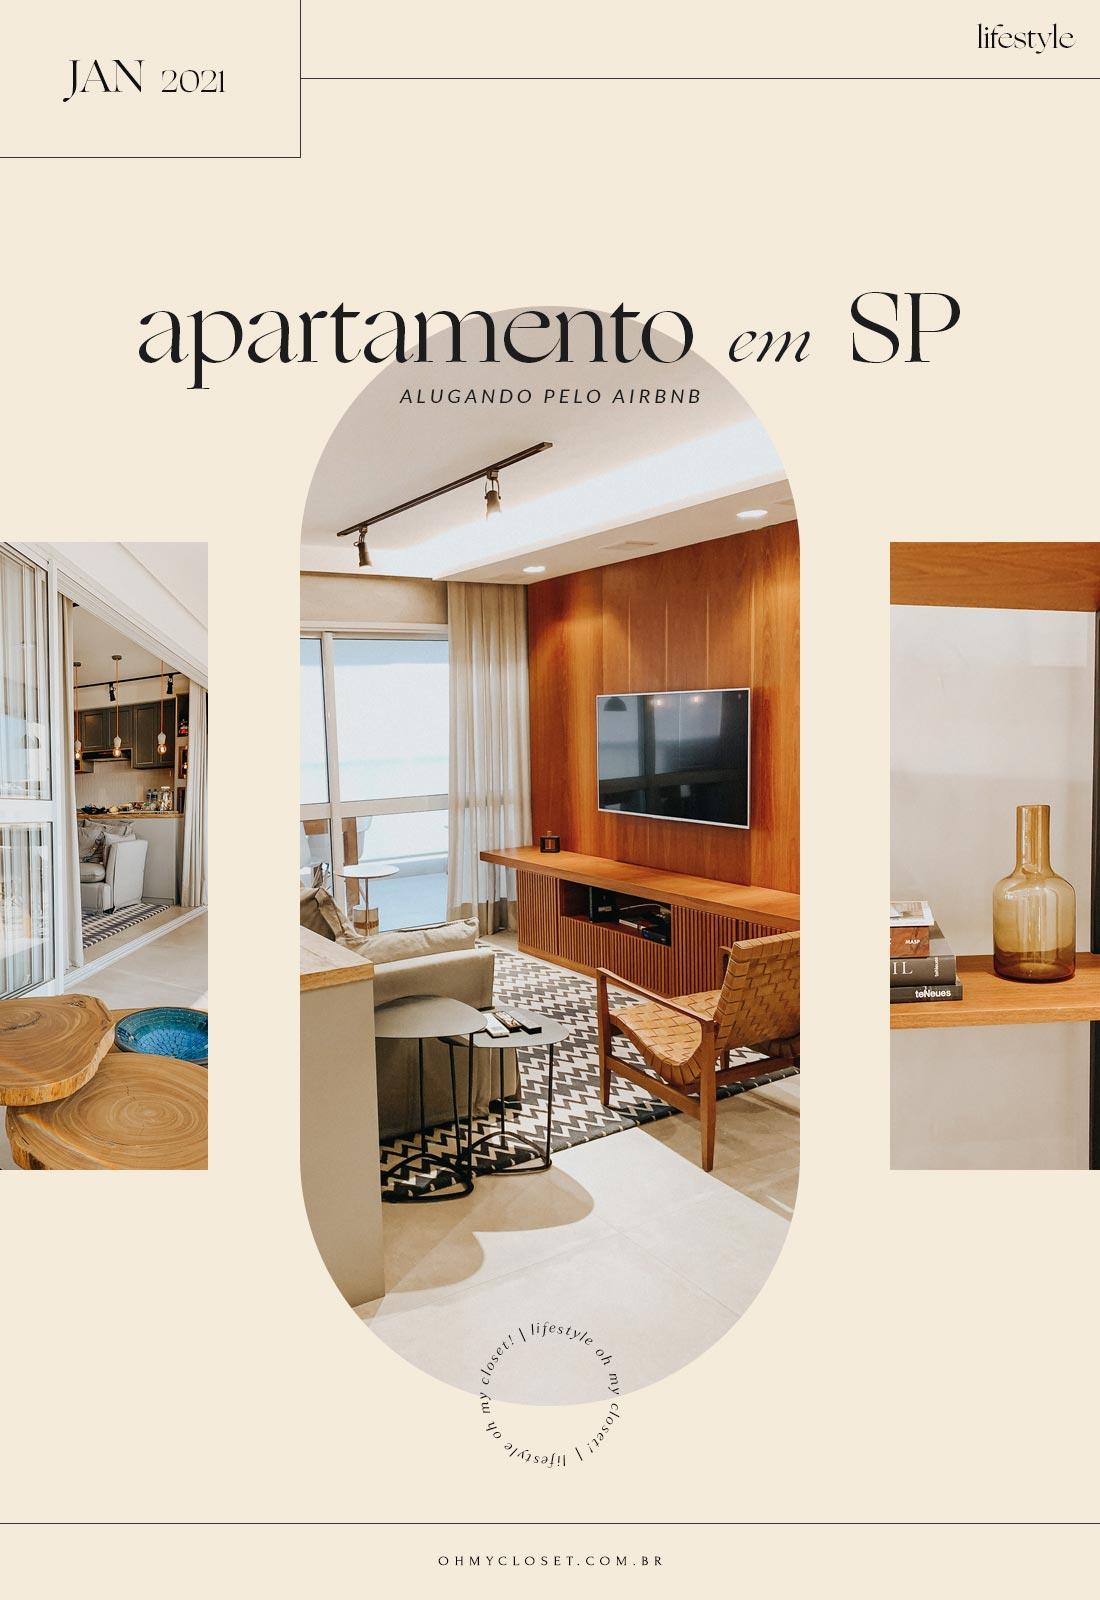 AirBnB São Paulo, apartamento em Pinheiros premium e moderno. DNA Pinheiros. Aluguel de temporada, curto prazo, WeHome.